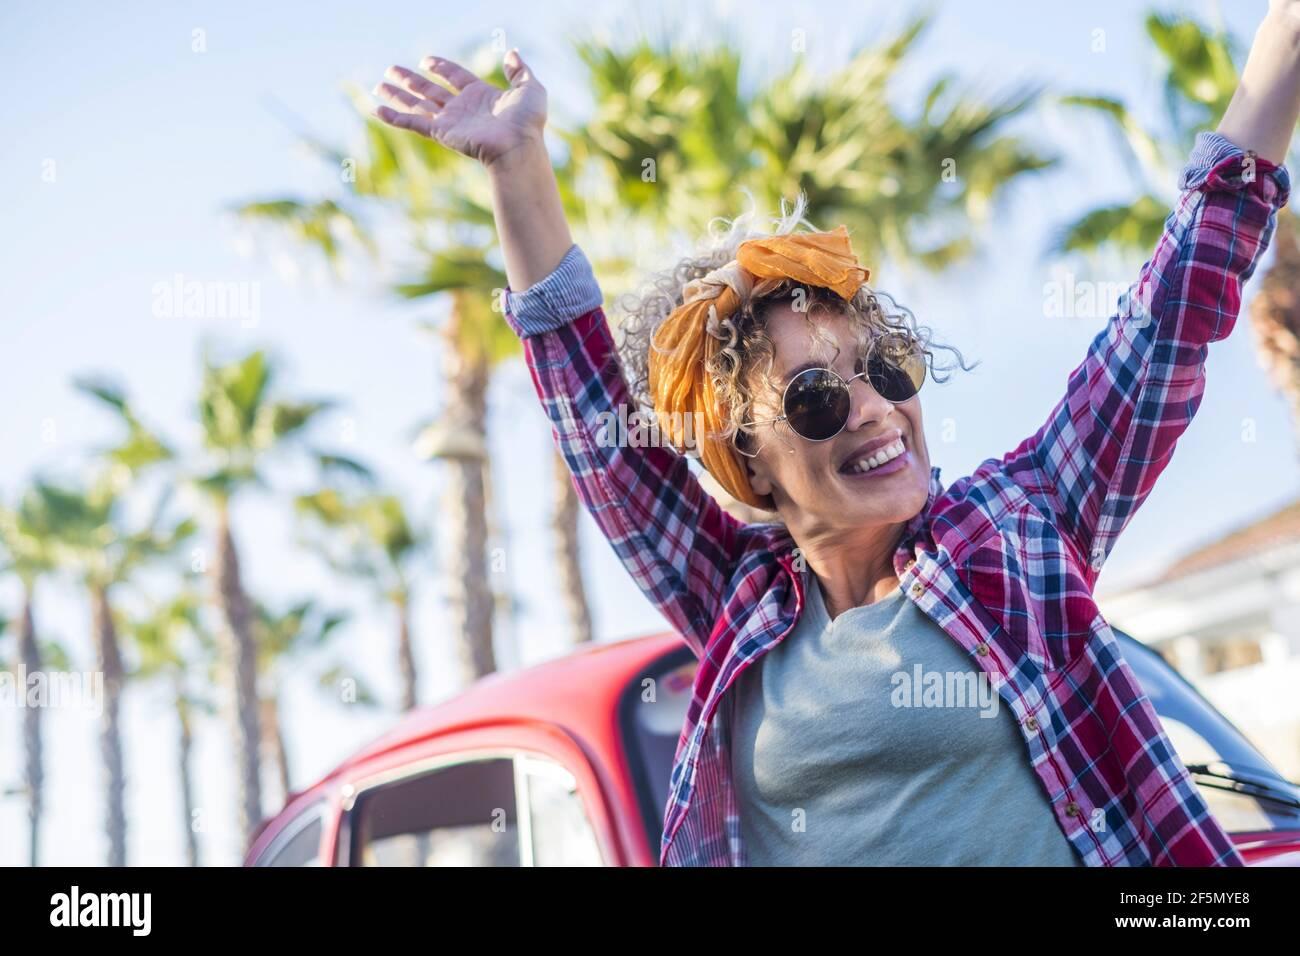 Excitée jolie jeune femme tendance en plein air profiter du style de vie de l'été - voyage femmes concept de vie unique avec dame joyeuse appréciant et s'amuser Banque D'Images